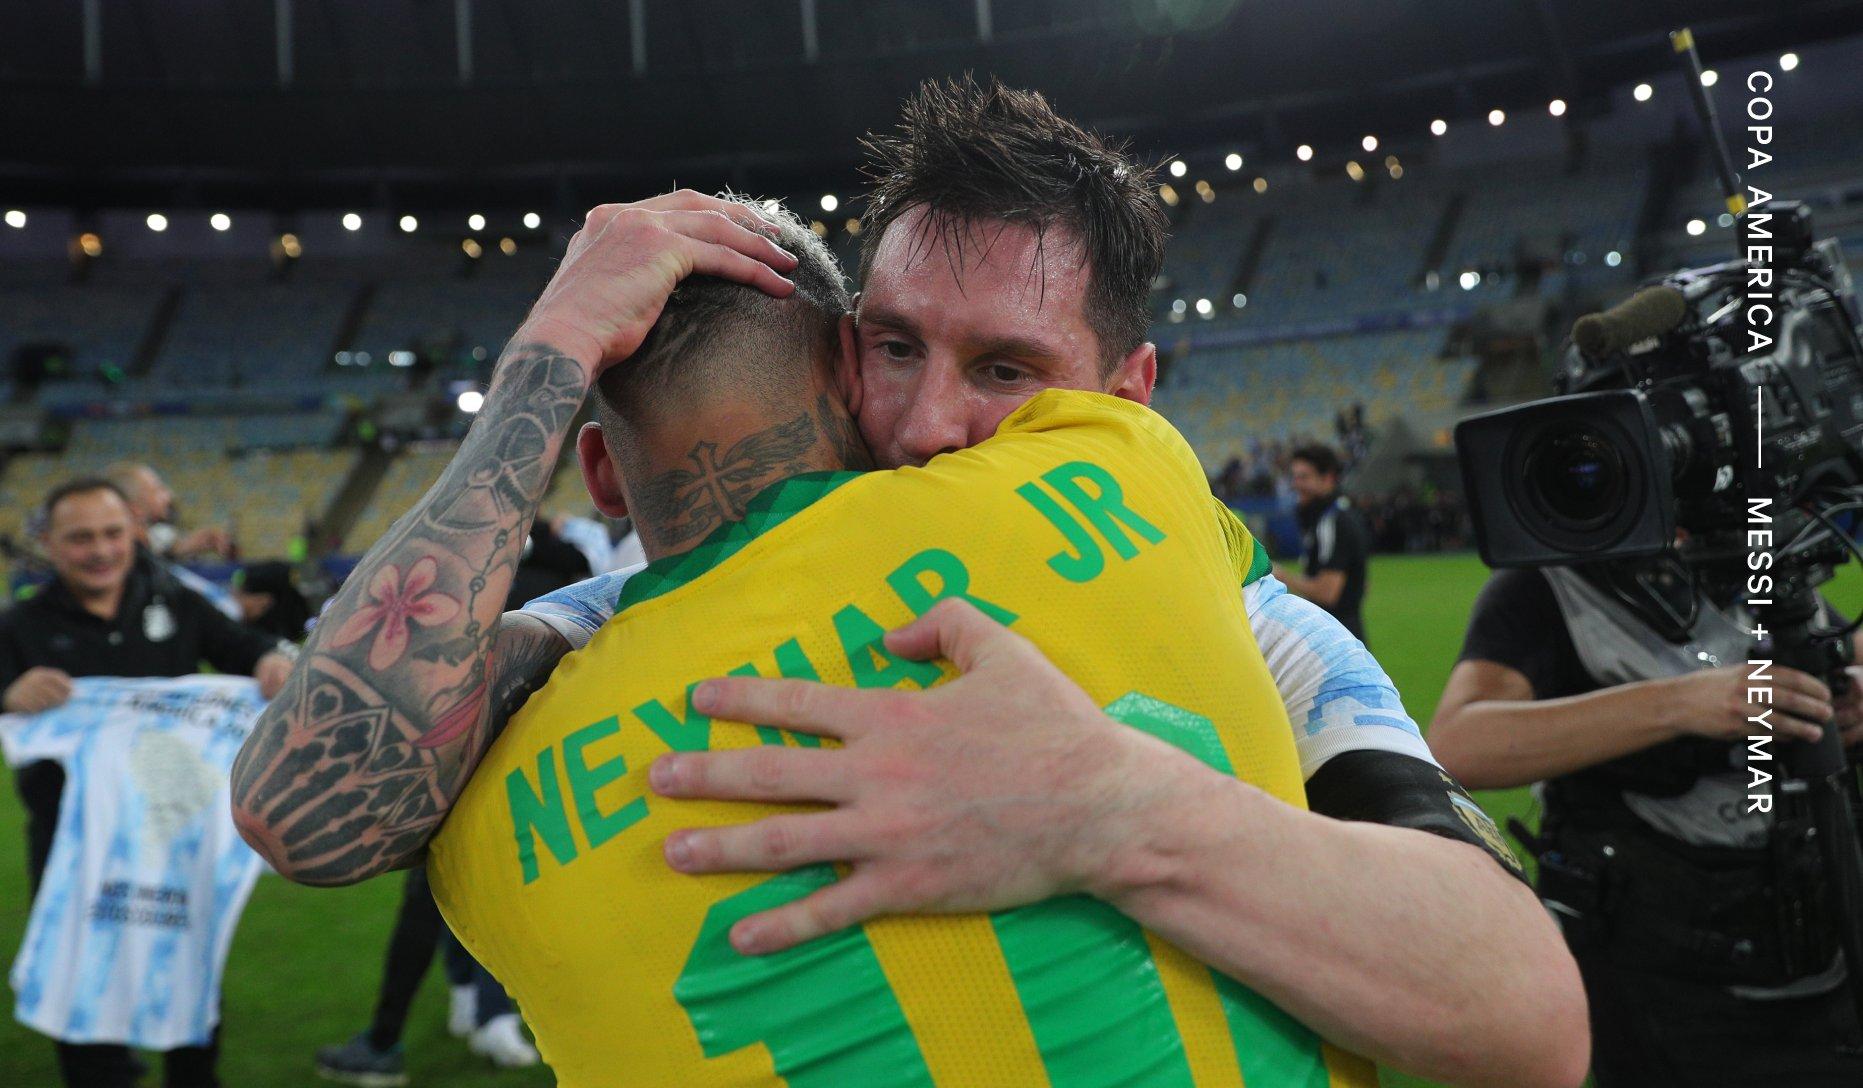 เนย์มาร์แสดงความยินดีกับเมสซี่